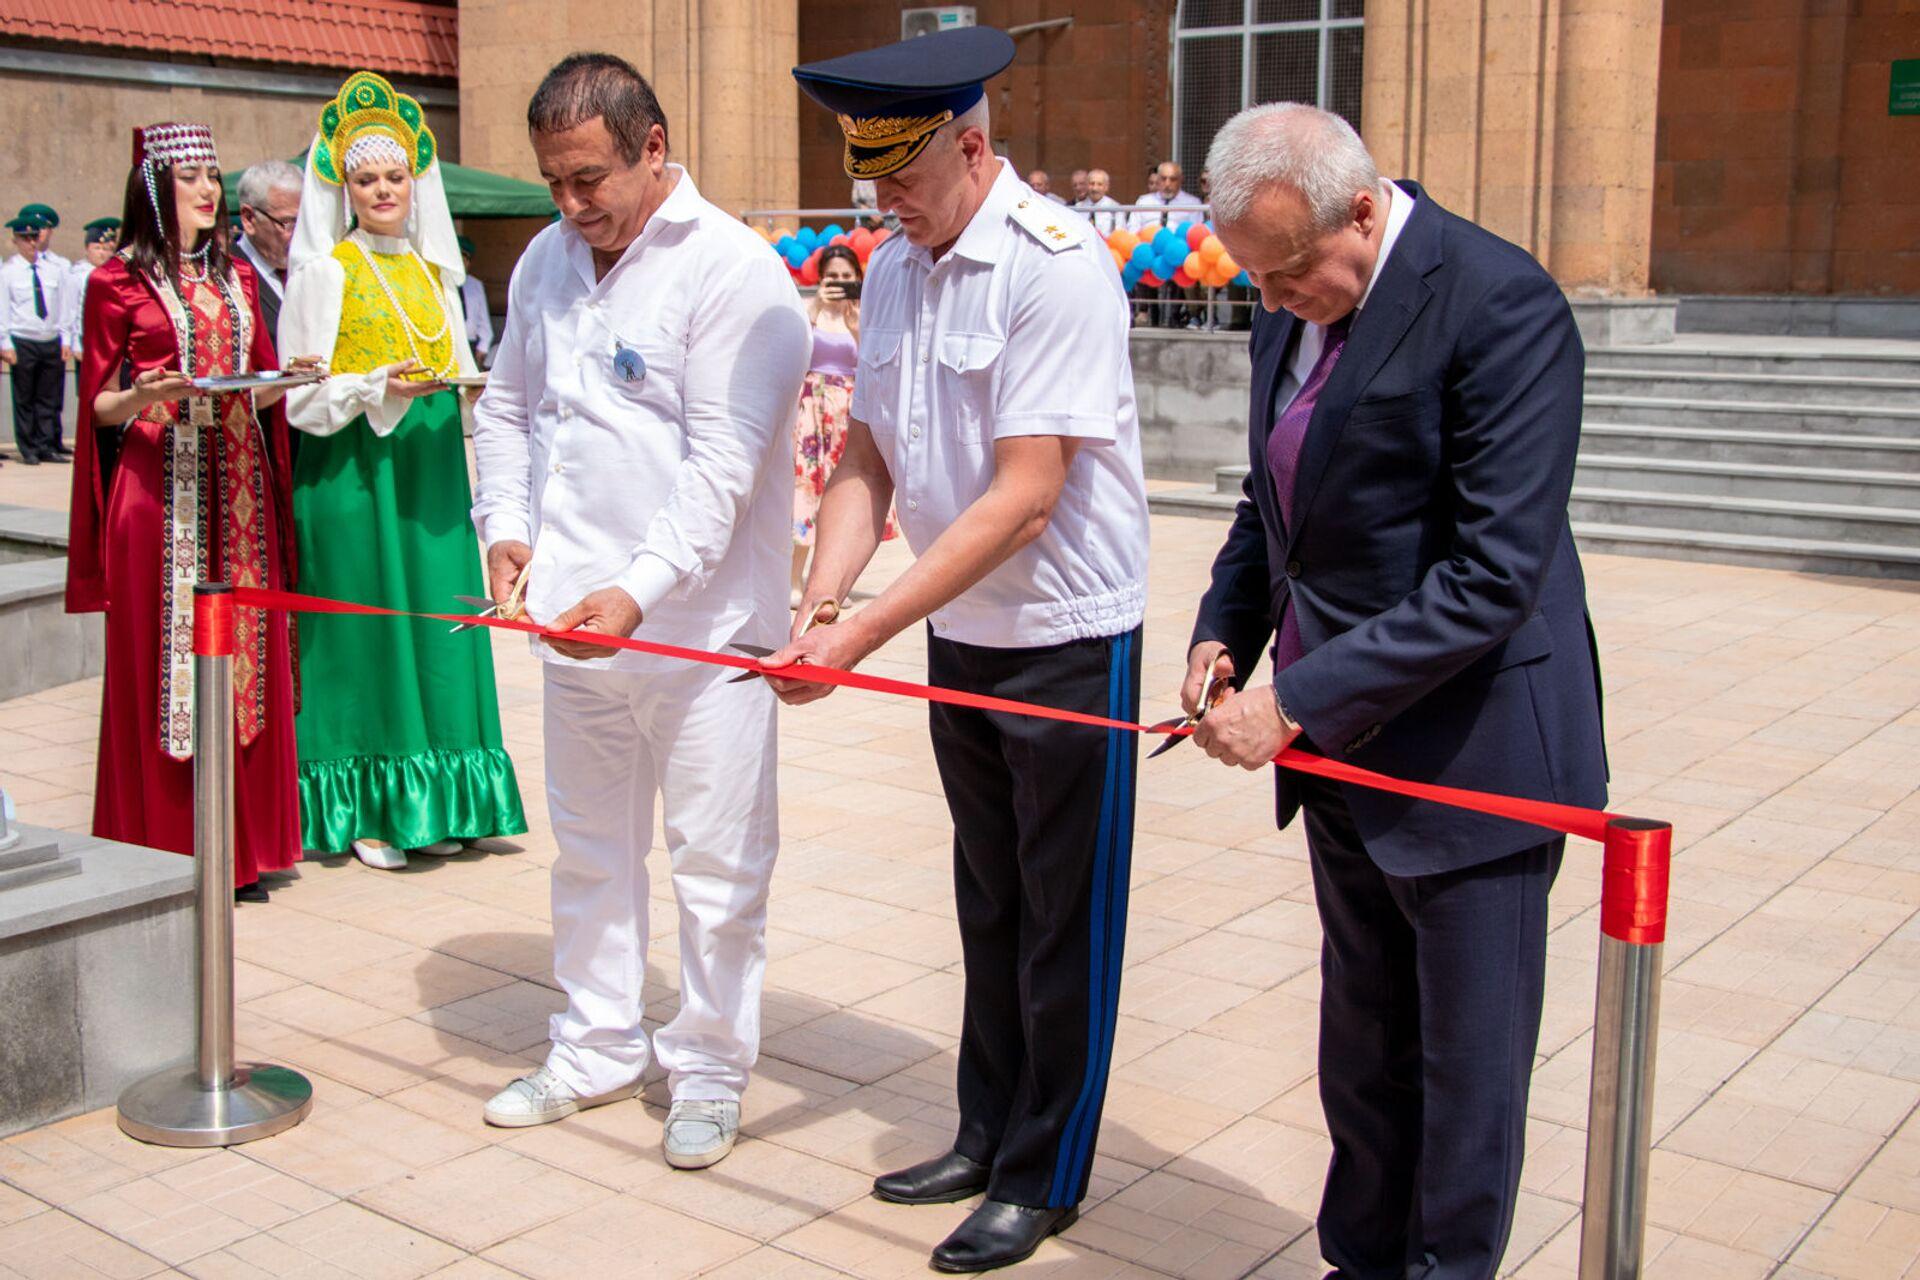 Երևանում բացվեց հայ-ռուսական բարեկամության հուշարձան - Sputnik Արմենիա, 1920, 28.05.2021